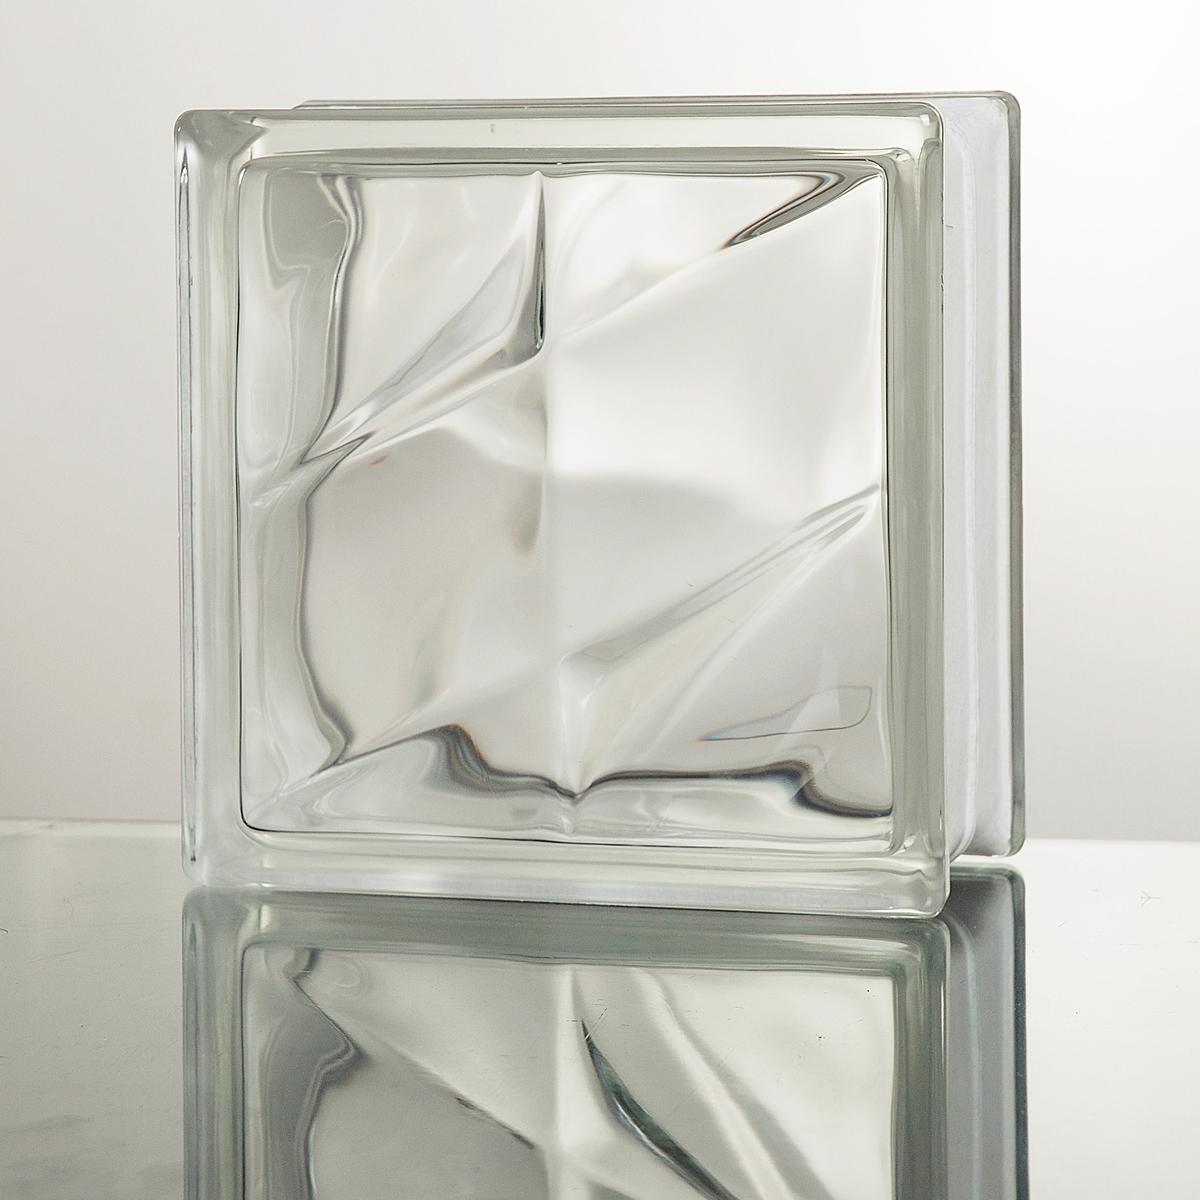 ガラスブロック 送料無料 6個セット 高品質80mm厚 クリア色ダブルスター